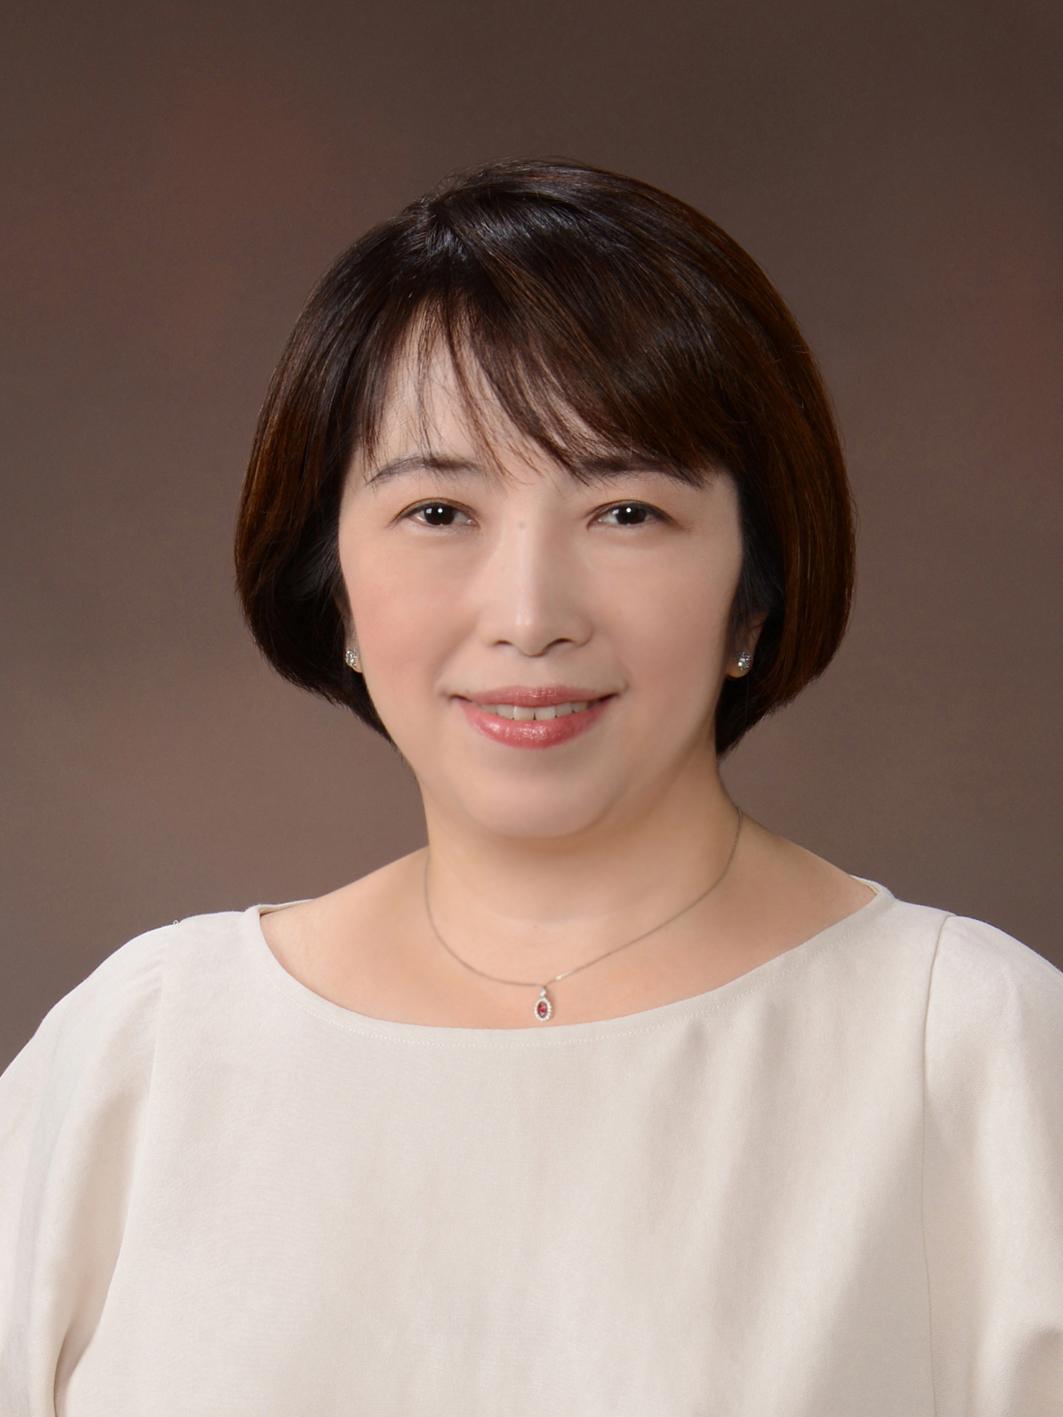 【講師】株式会社ハピネスランズ 代表取締役 伊藤敬子